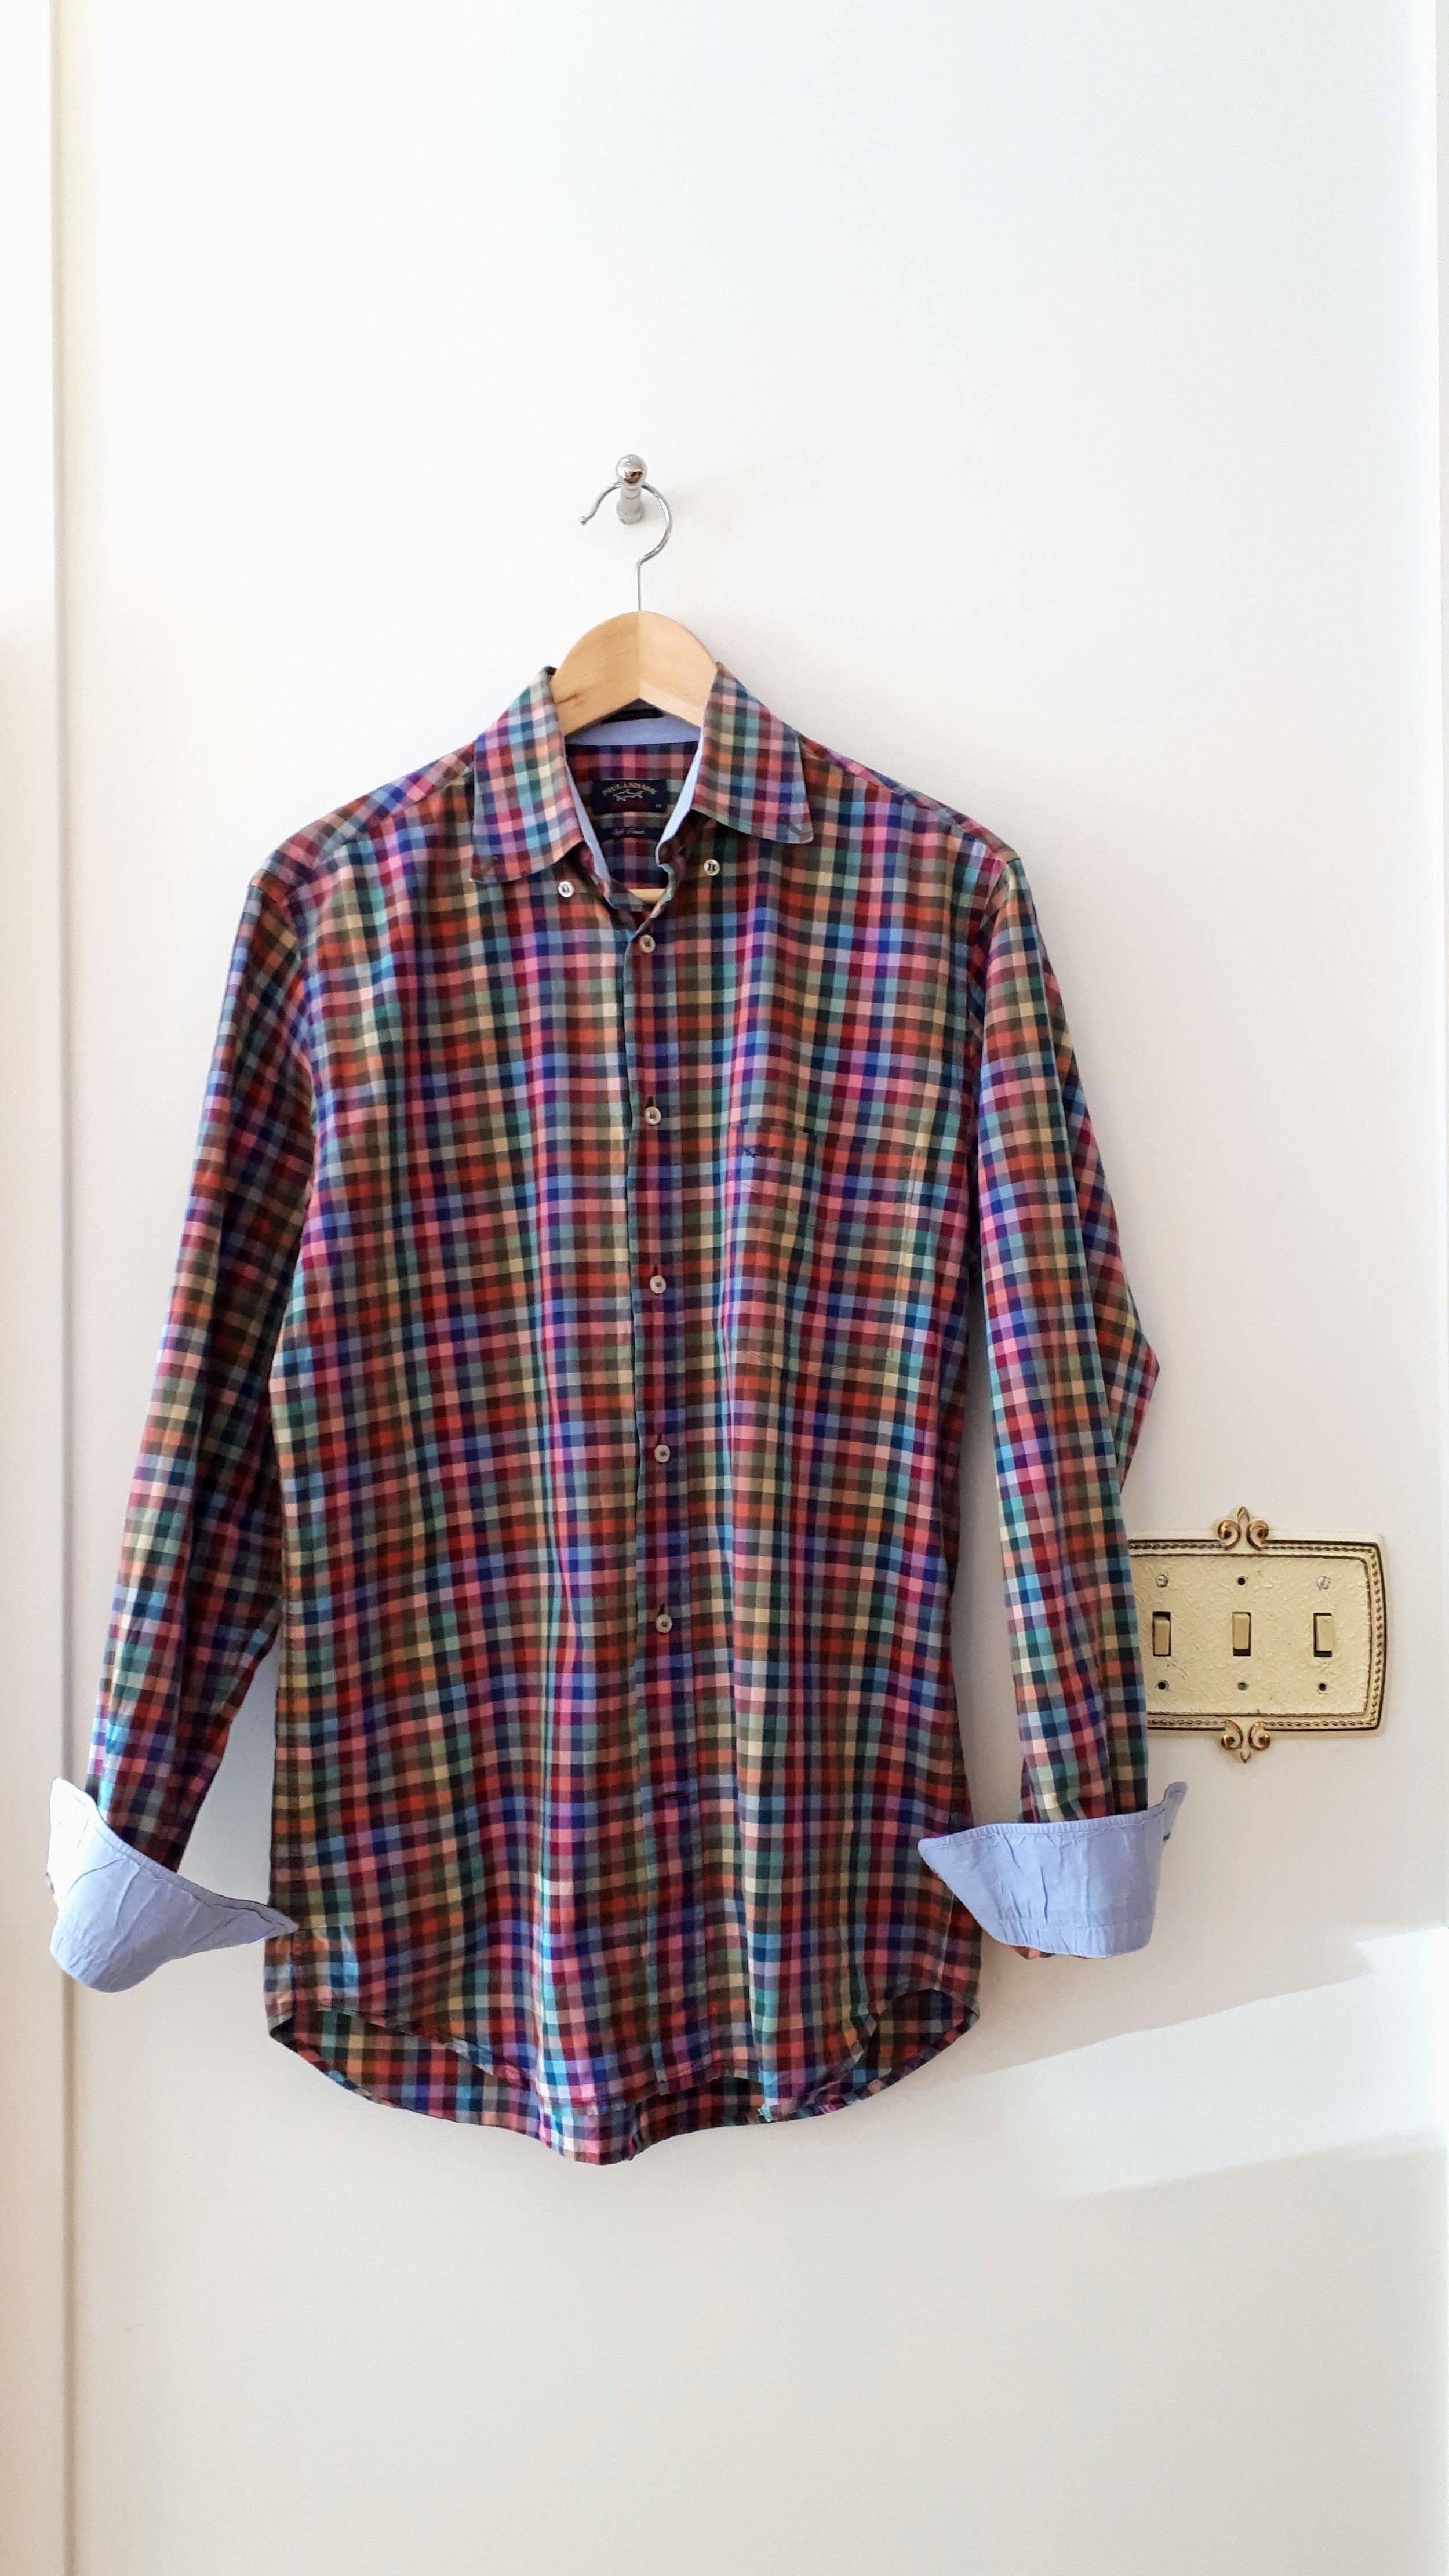 Paul & Shark shirt; Men's size S, $56